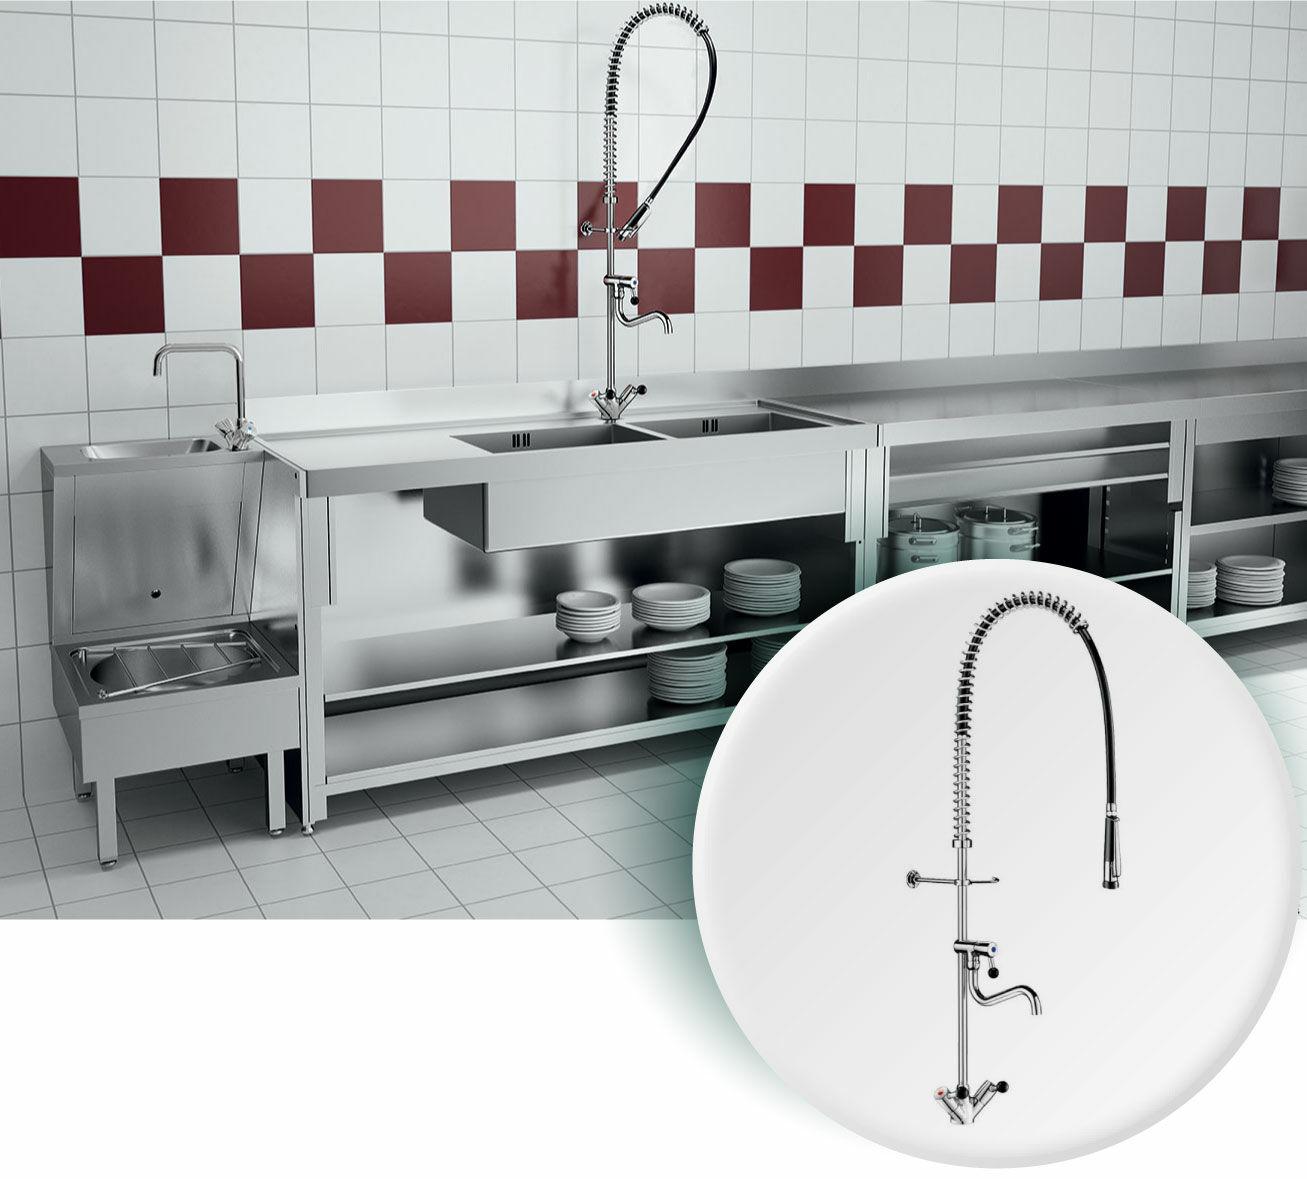 nagyüzemi konyhatechnológia